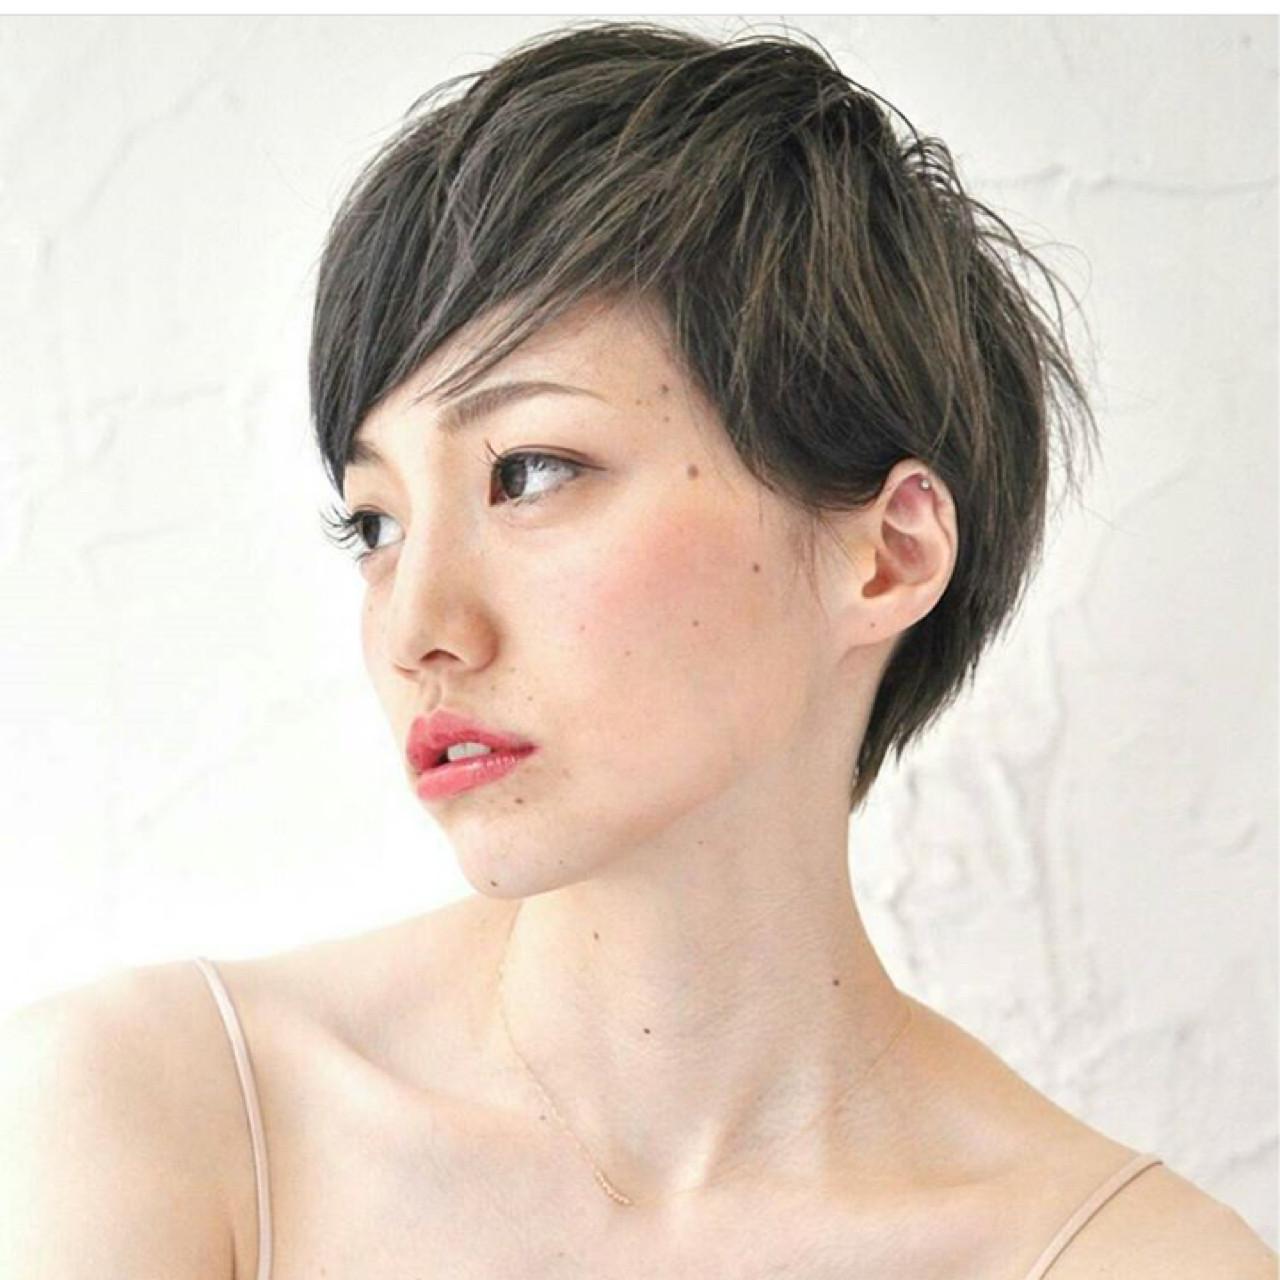 ショートに人気のヘアカラーはこれ!髪色で変化を付けよう♪  KAHO YANAGIHARA